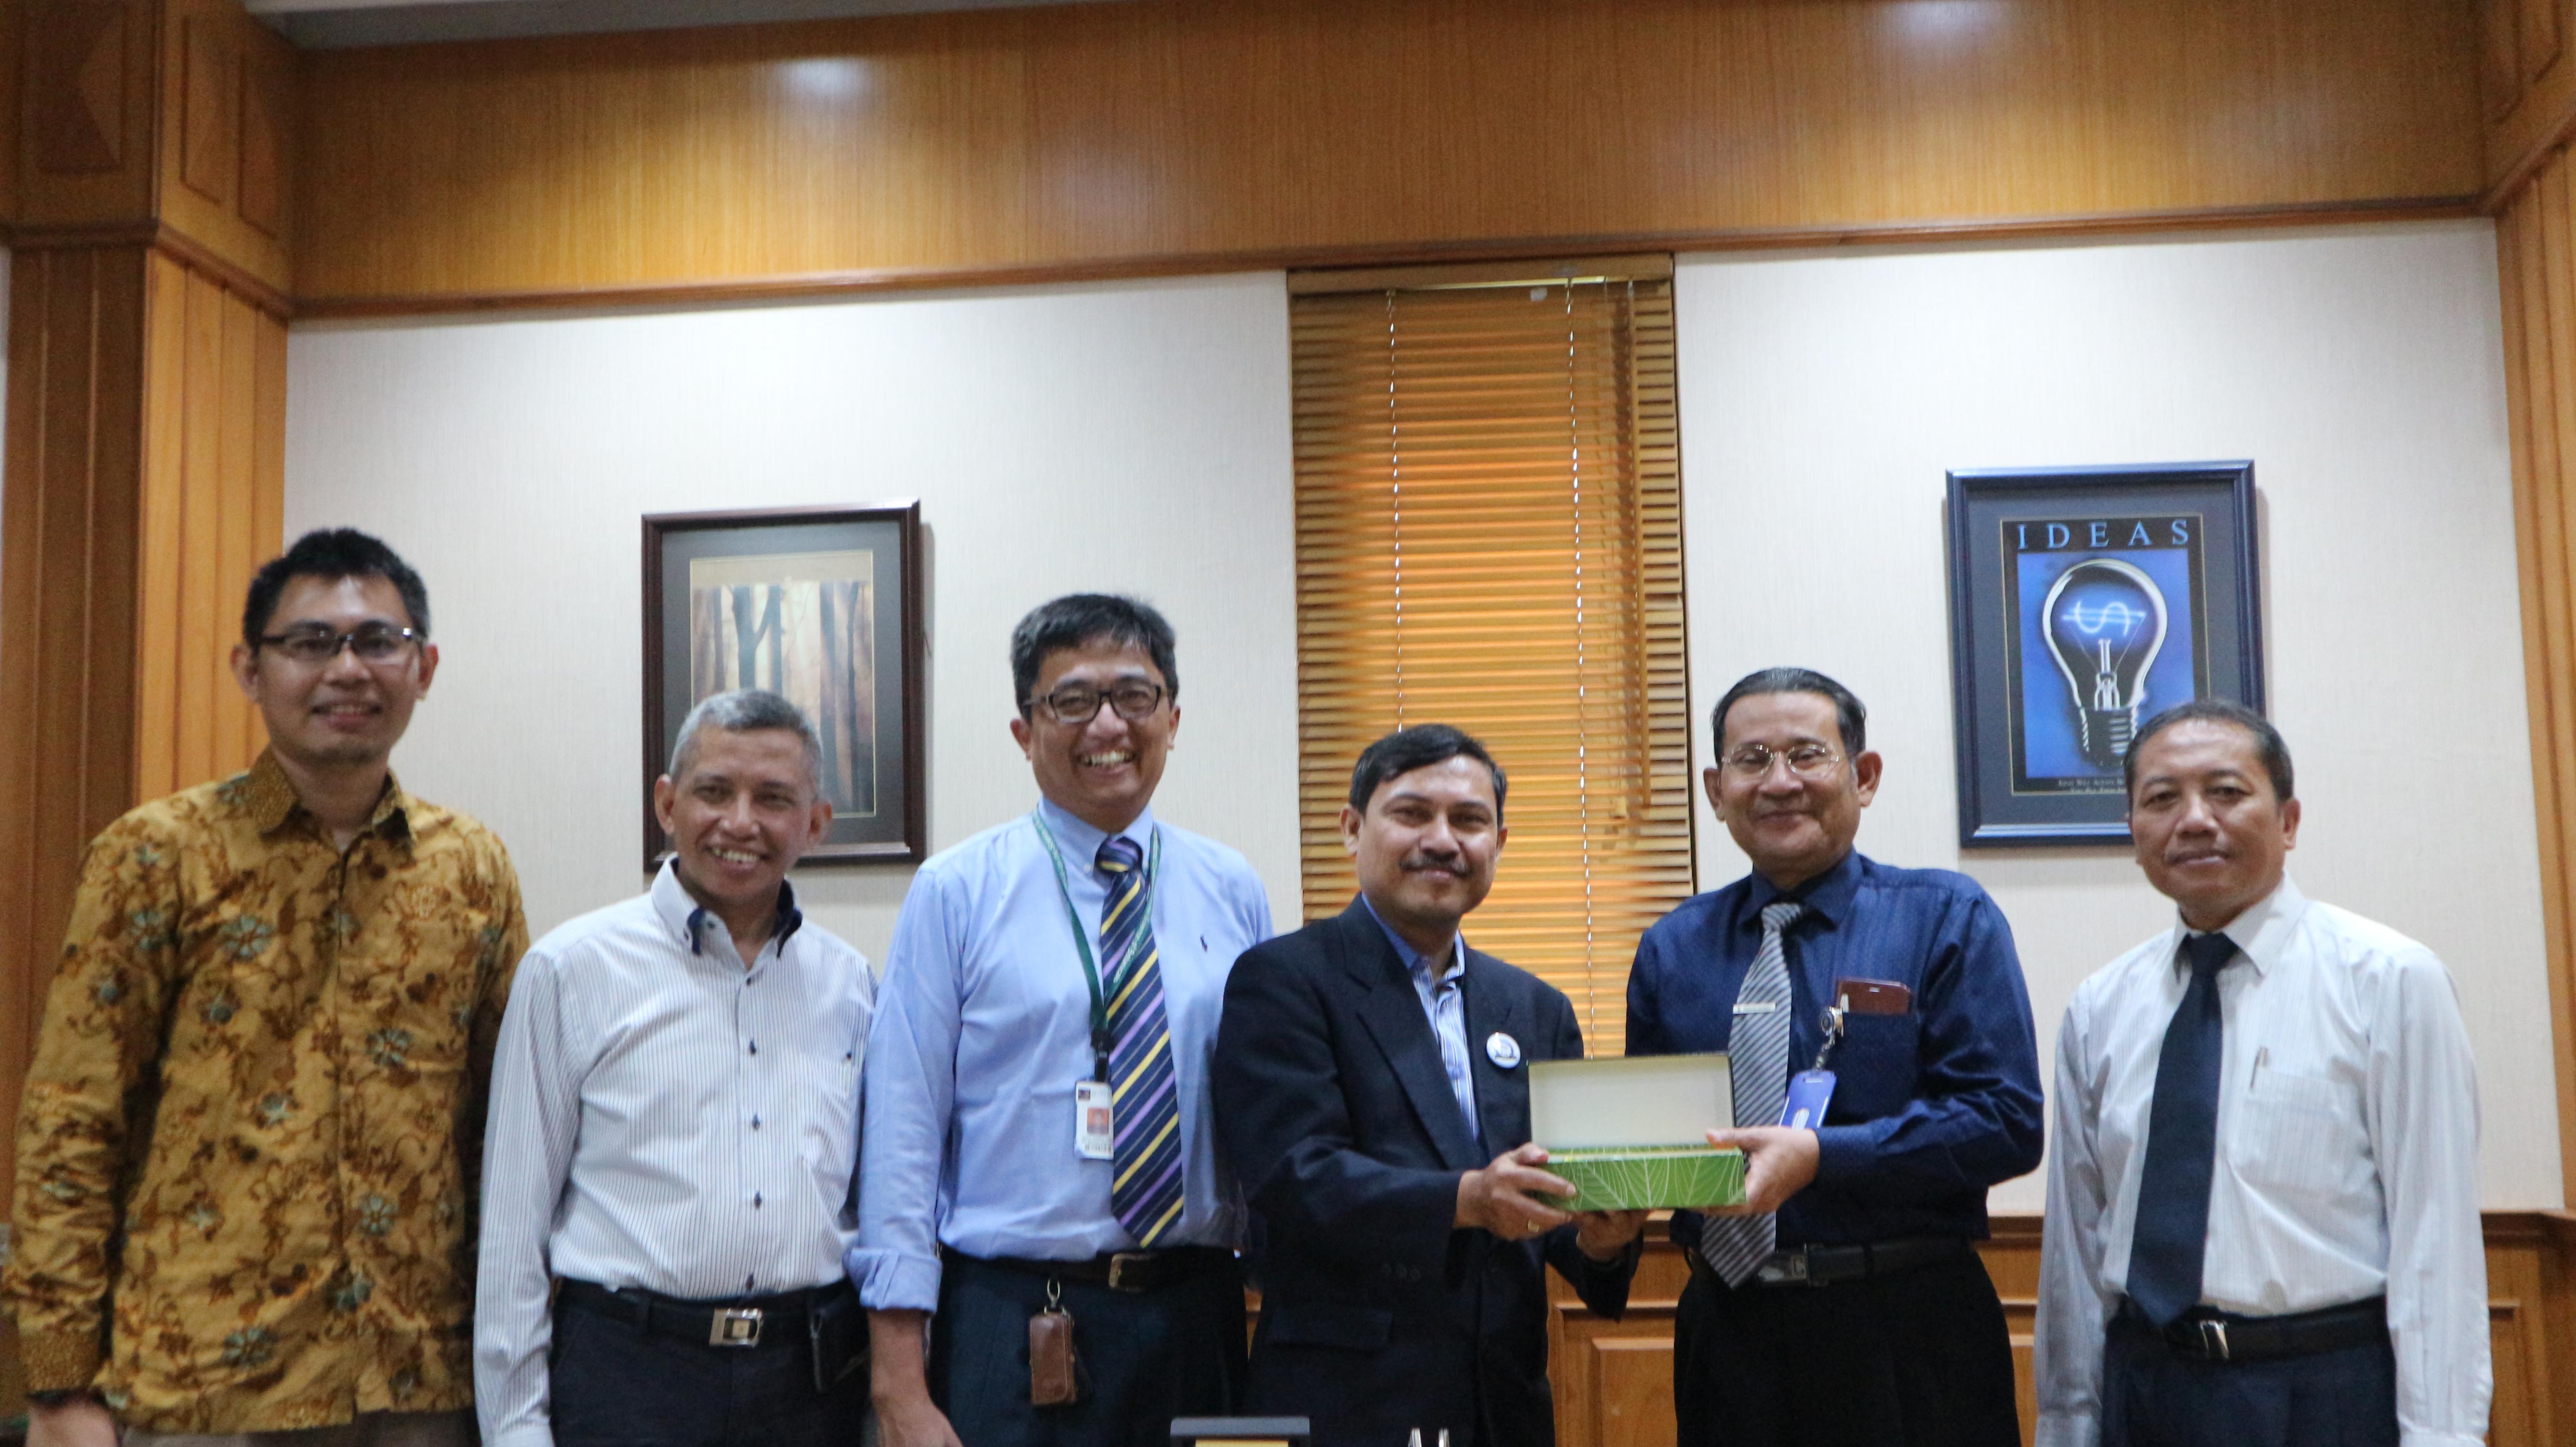 Kerjasama FIA UB, FPPTI Dan ISIPII Tingkatkan Ilmu Perpustakaan Perguruan Tinggi